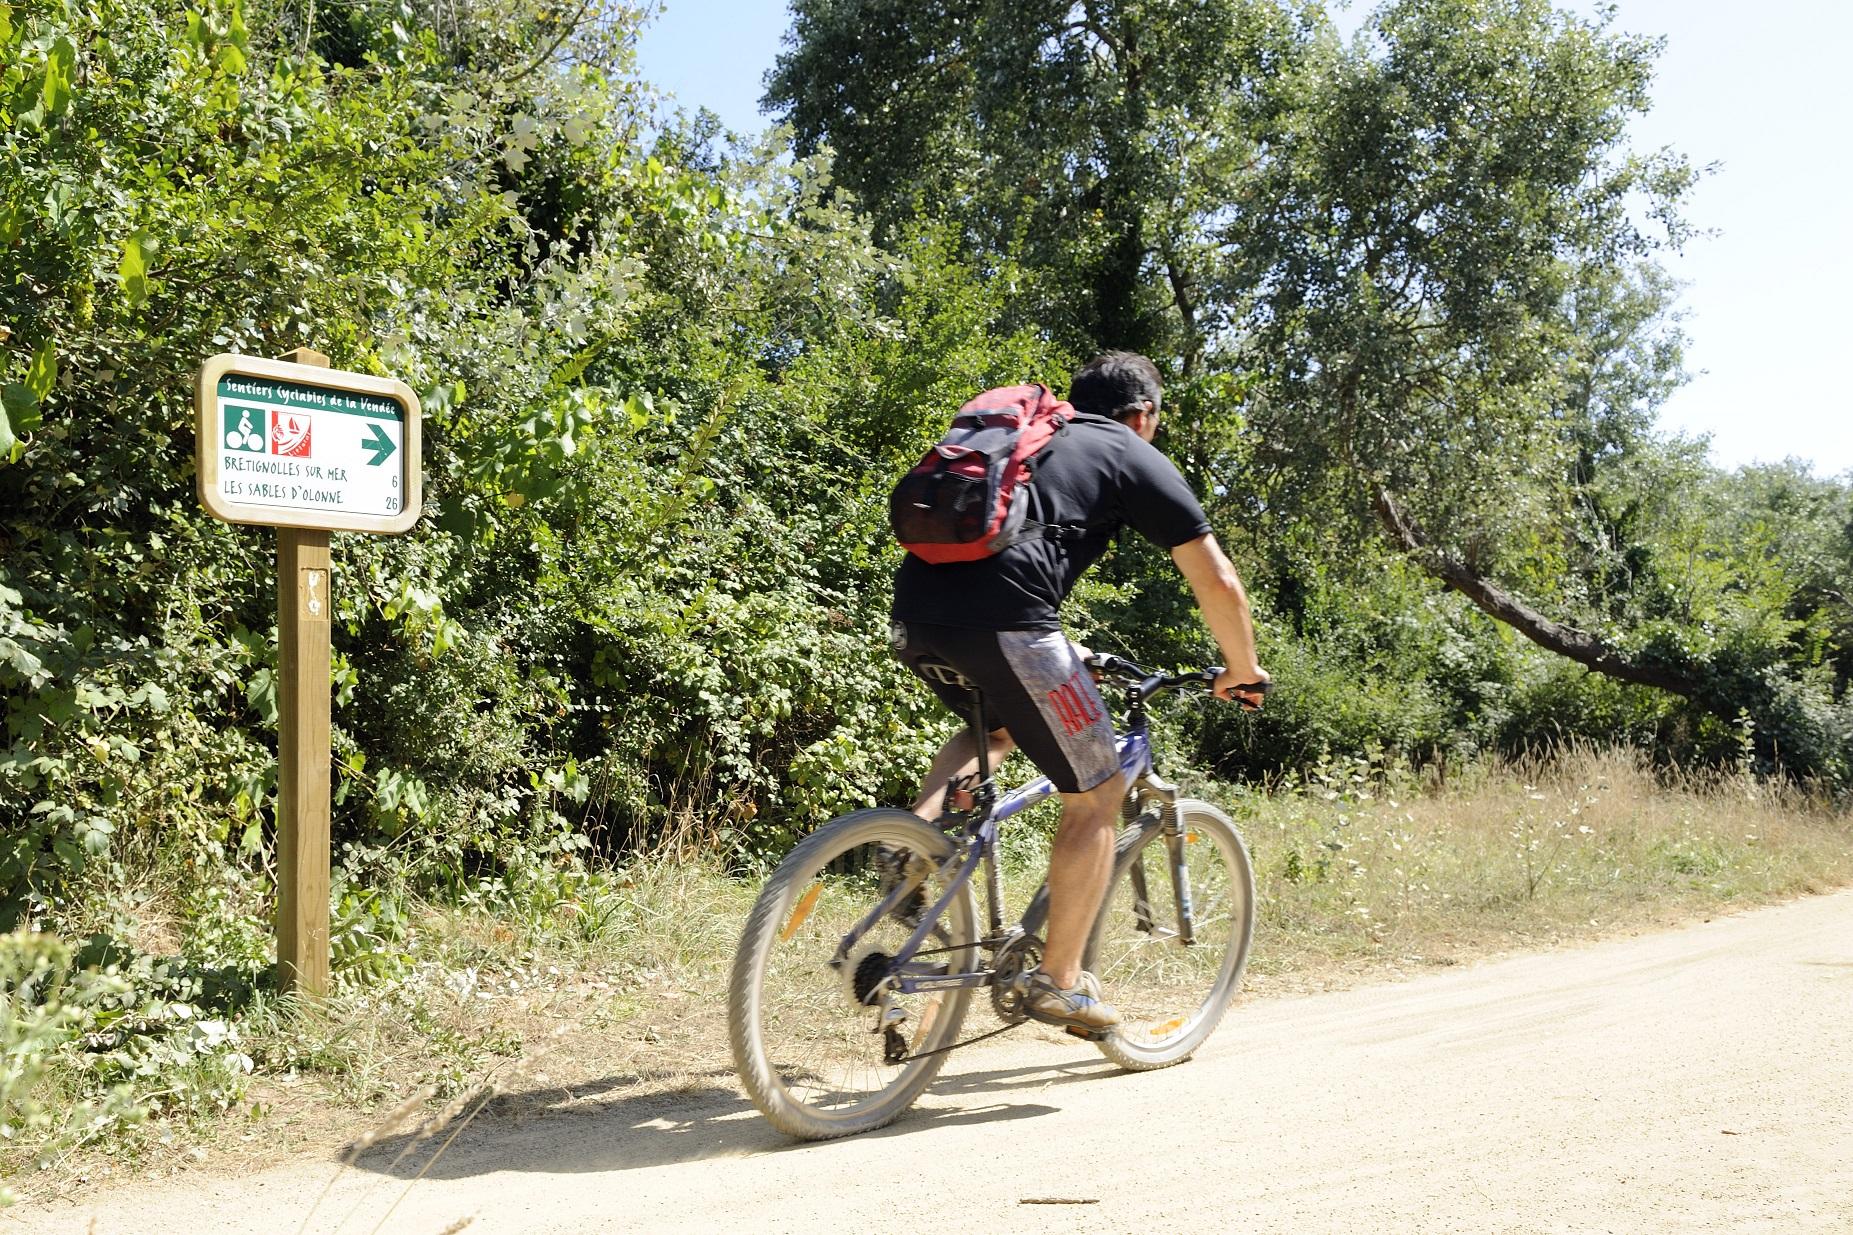 Partez en toute sérénité sur les pistes cyclables de Brétignolles sur Mer à la sortie du Camping L'Eden